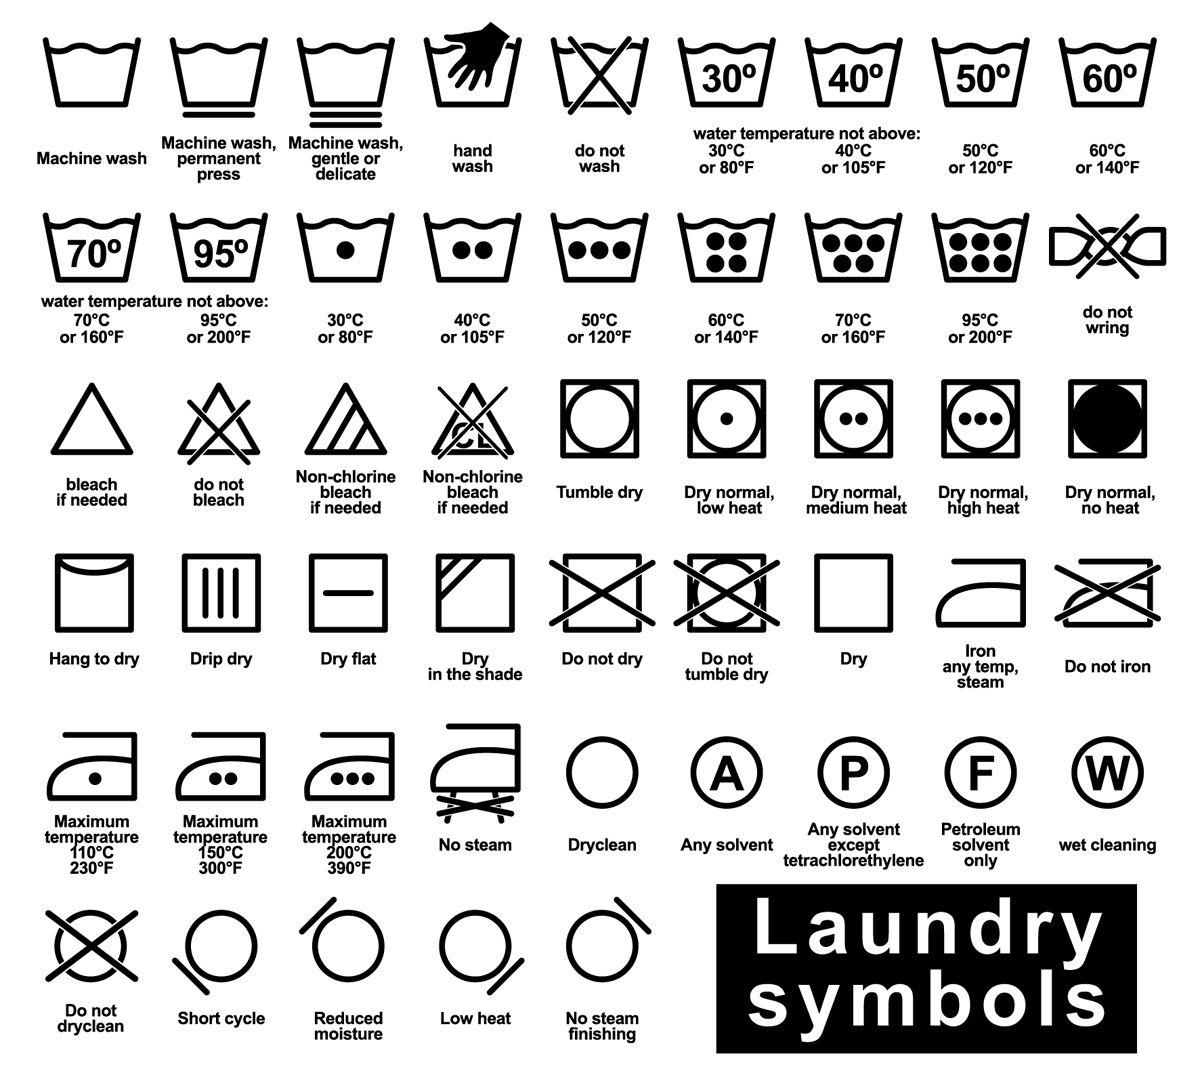 Laundry symbols laundry symbols and life hacks laundry symbols biocorpaavc